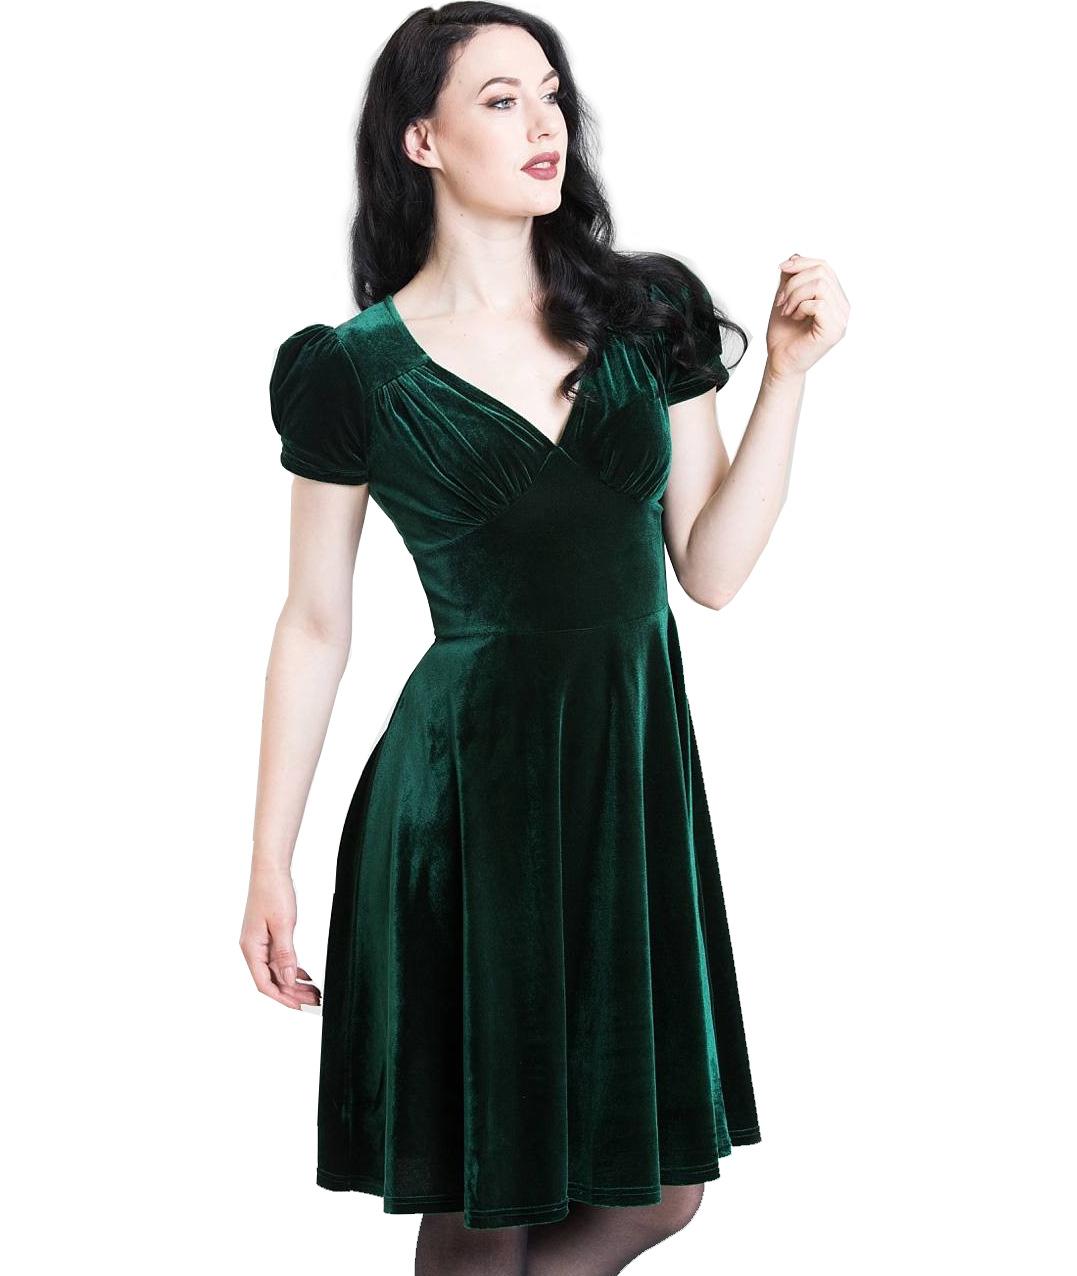 Hell-Bunny-40s-50s-Elegant-Pin-Up-Dress-JOANNE-Crushed-Velvet-Green-All-Sizes thumbnail 15